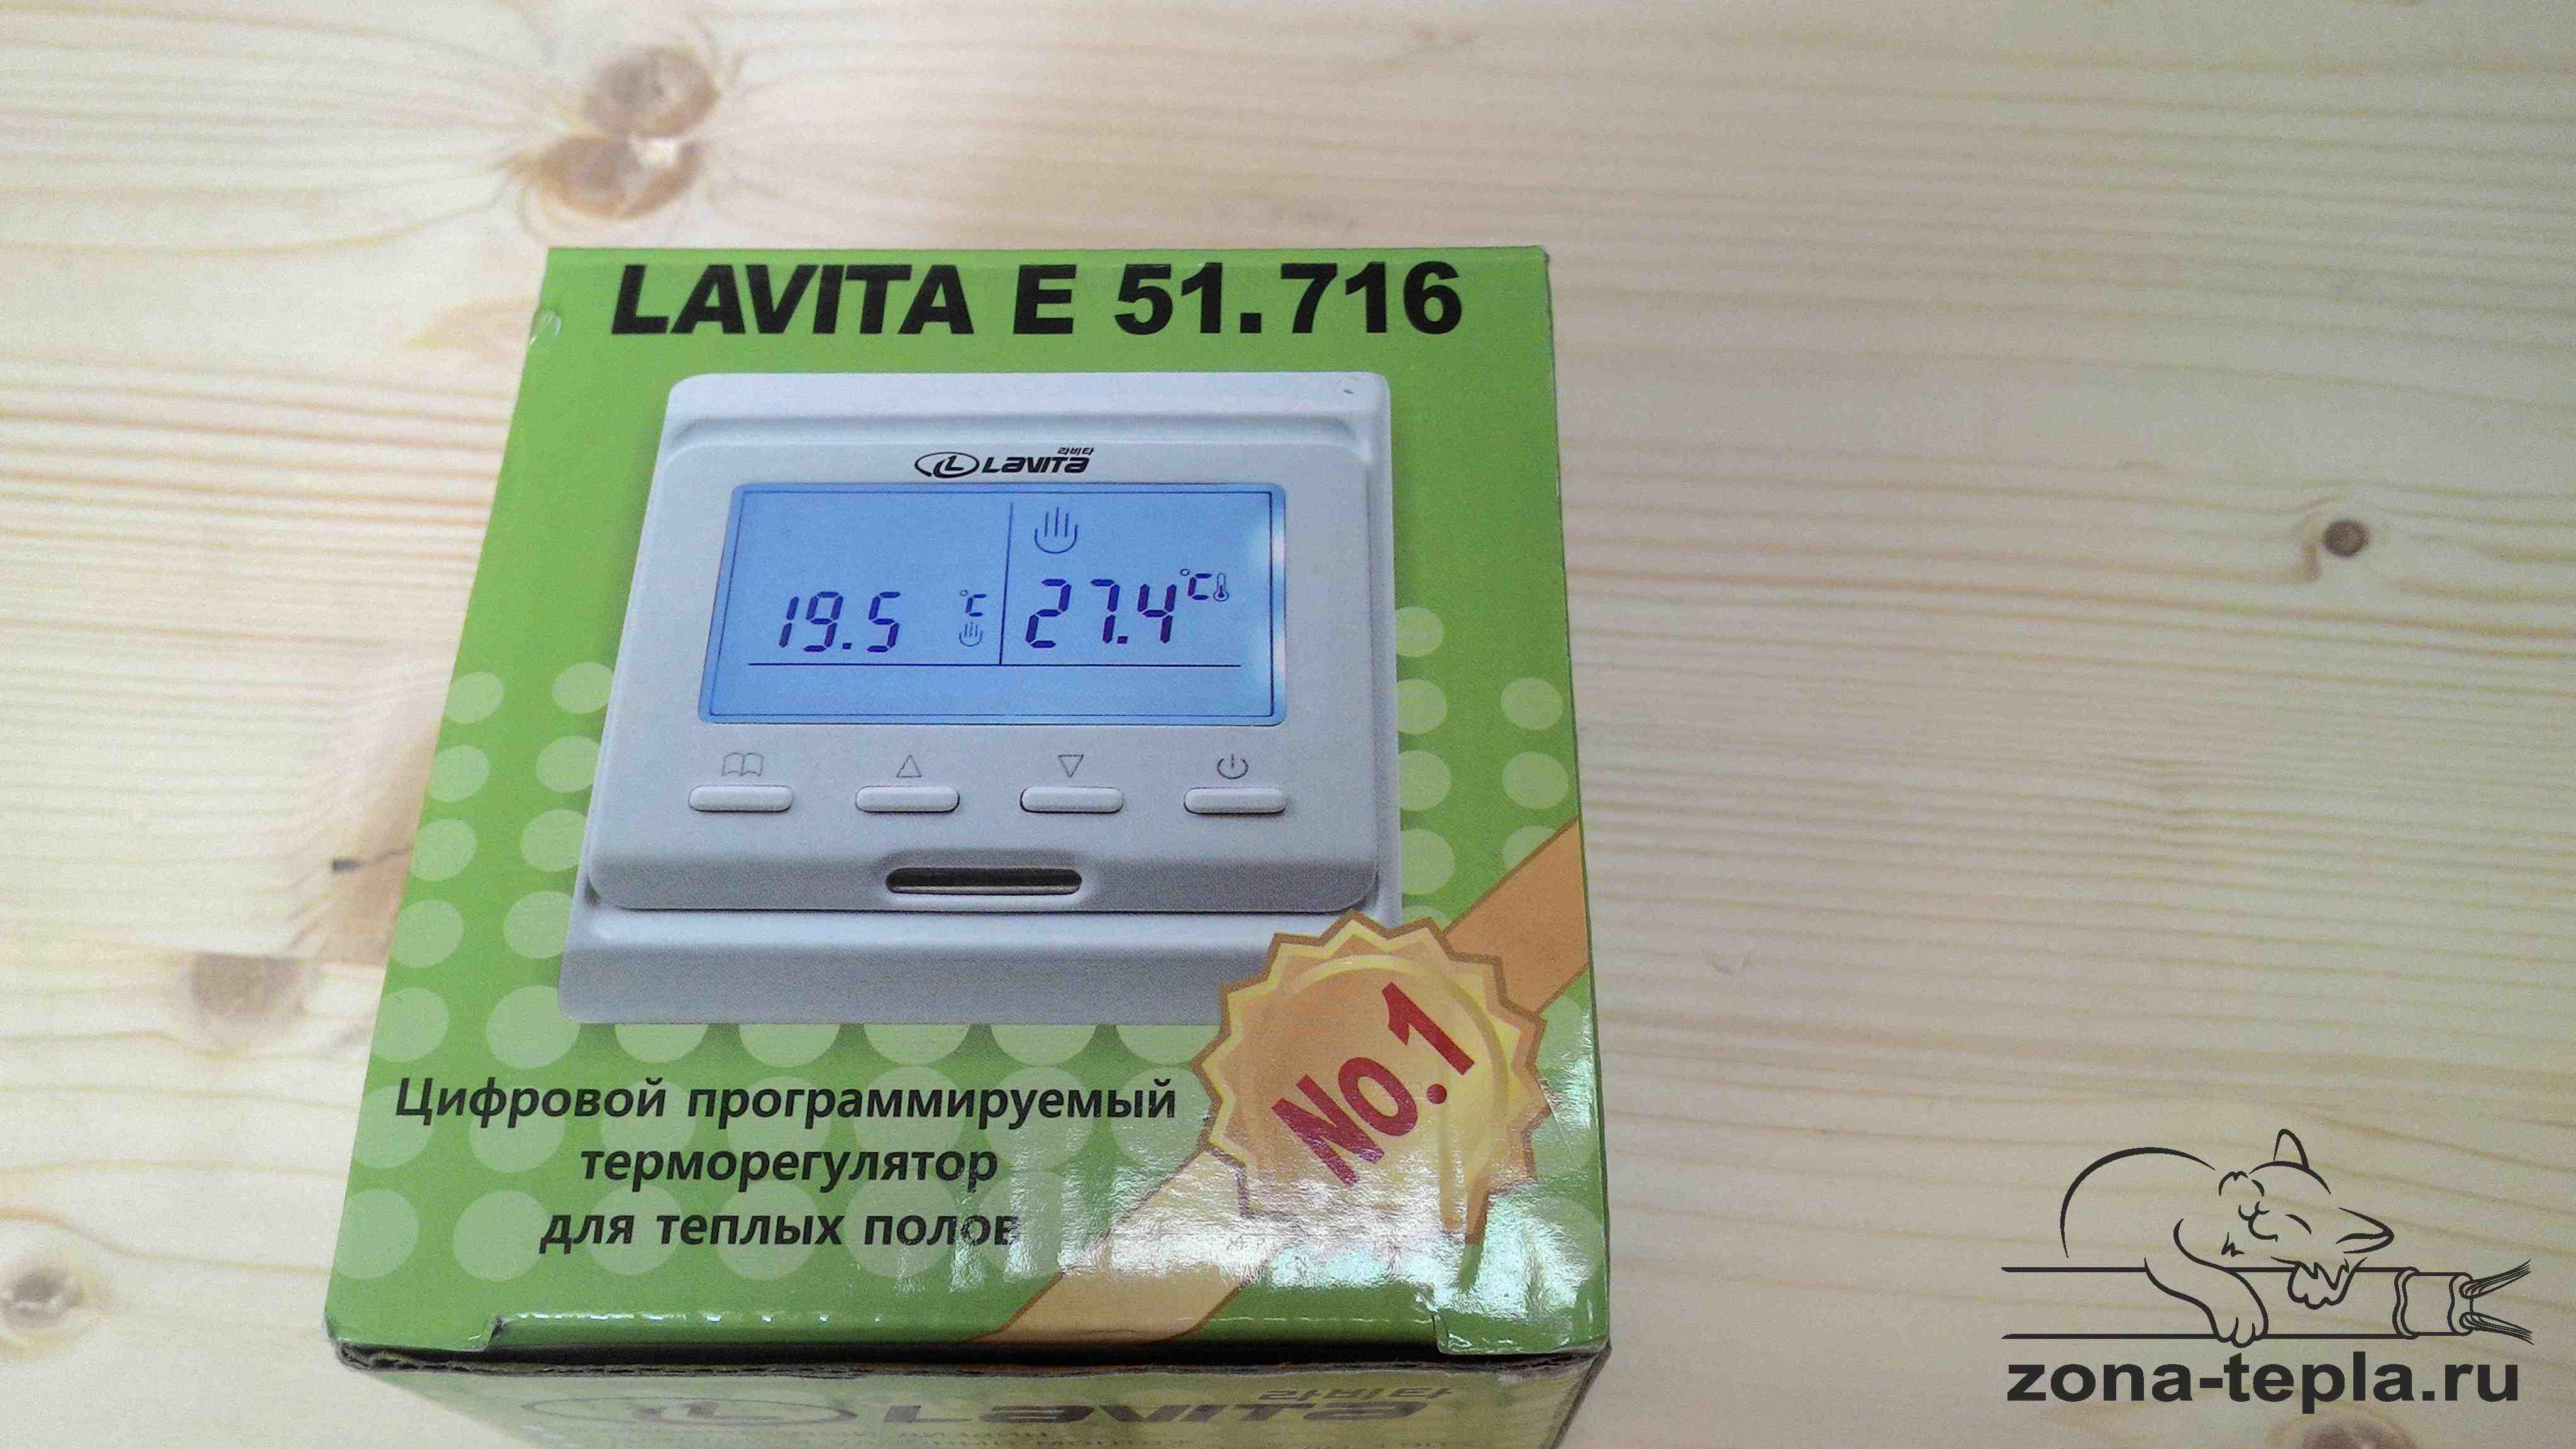 Терморегулятор электронный для теплого пола Lavita E51.716